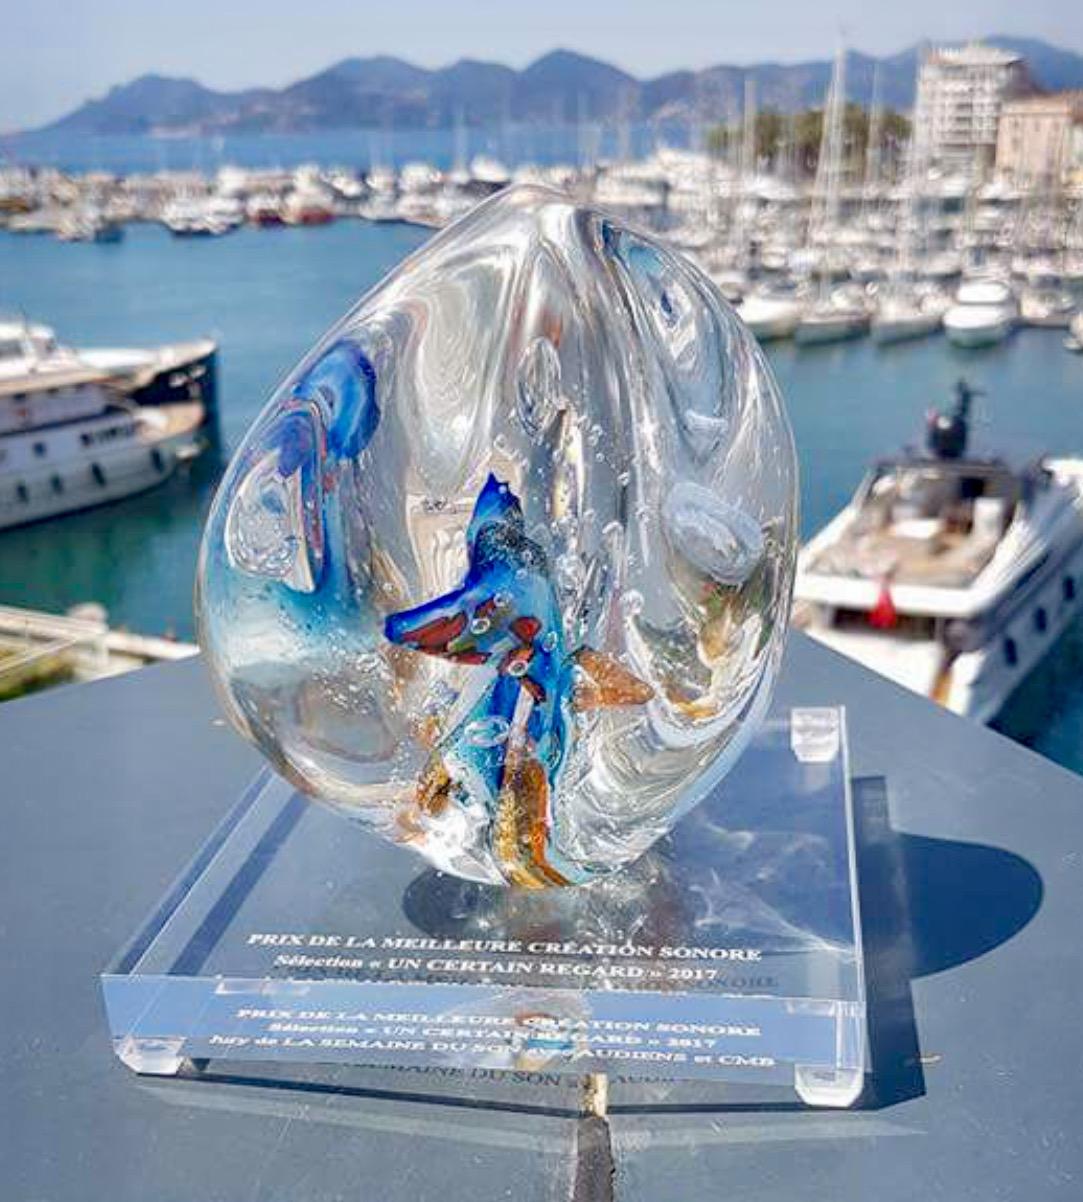 La Belle et la Meute remporte le Prix de la meilleure création sonore.